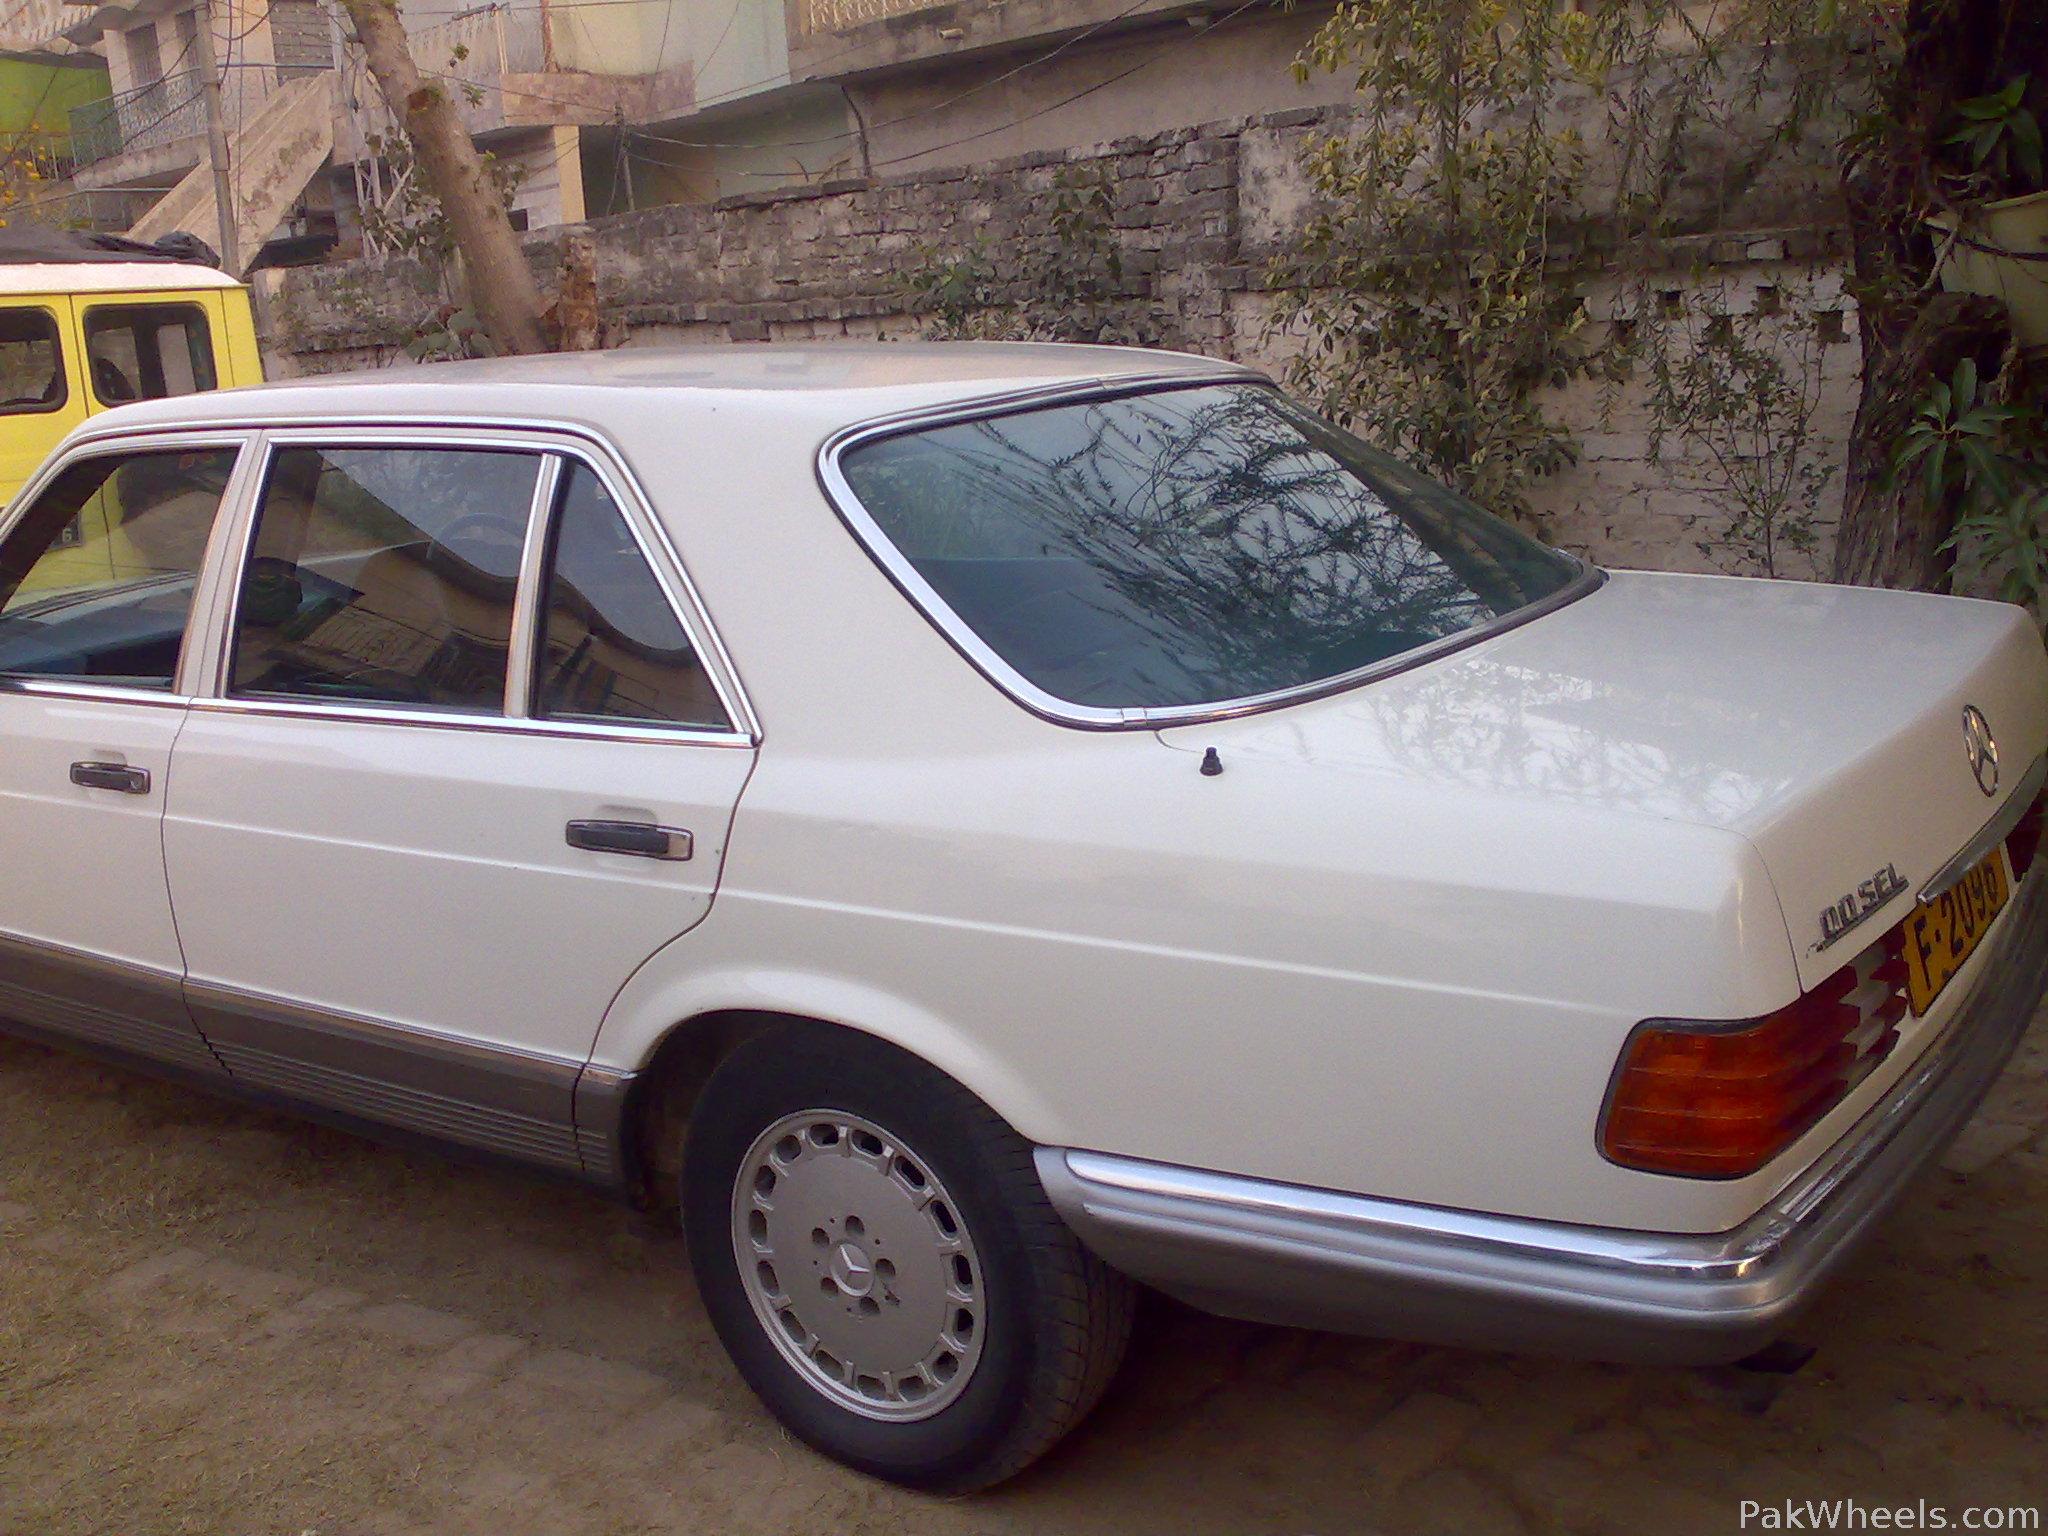 Mercedes Benz S Class - 1984 merc Image-1